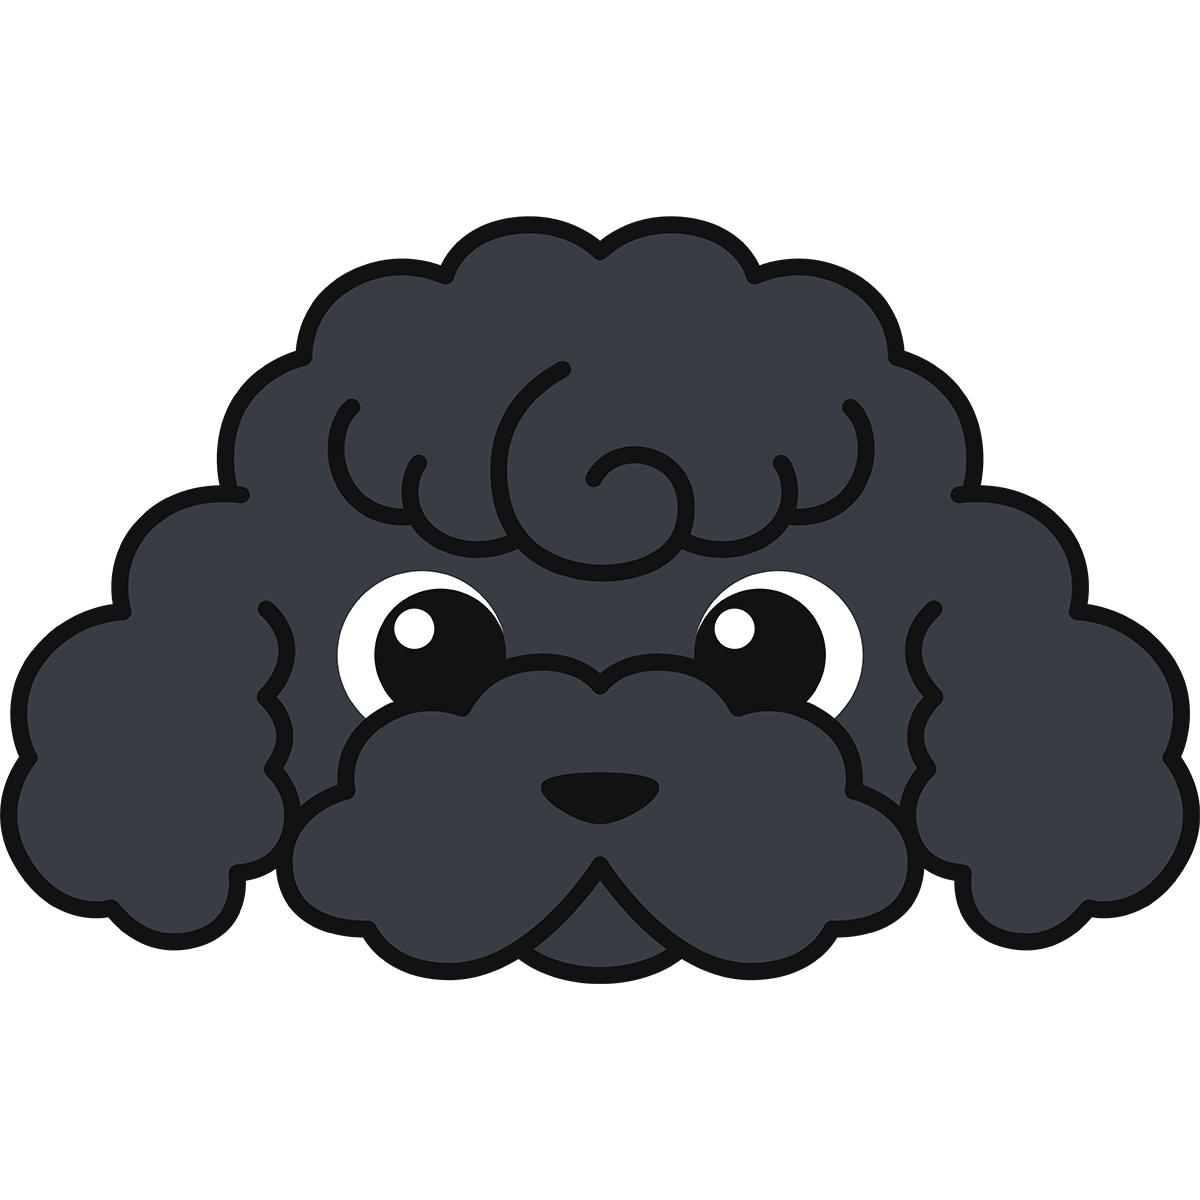 トイプードルの顔(黒)の無料イラスト